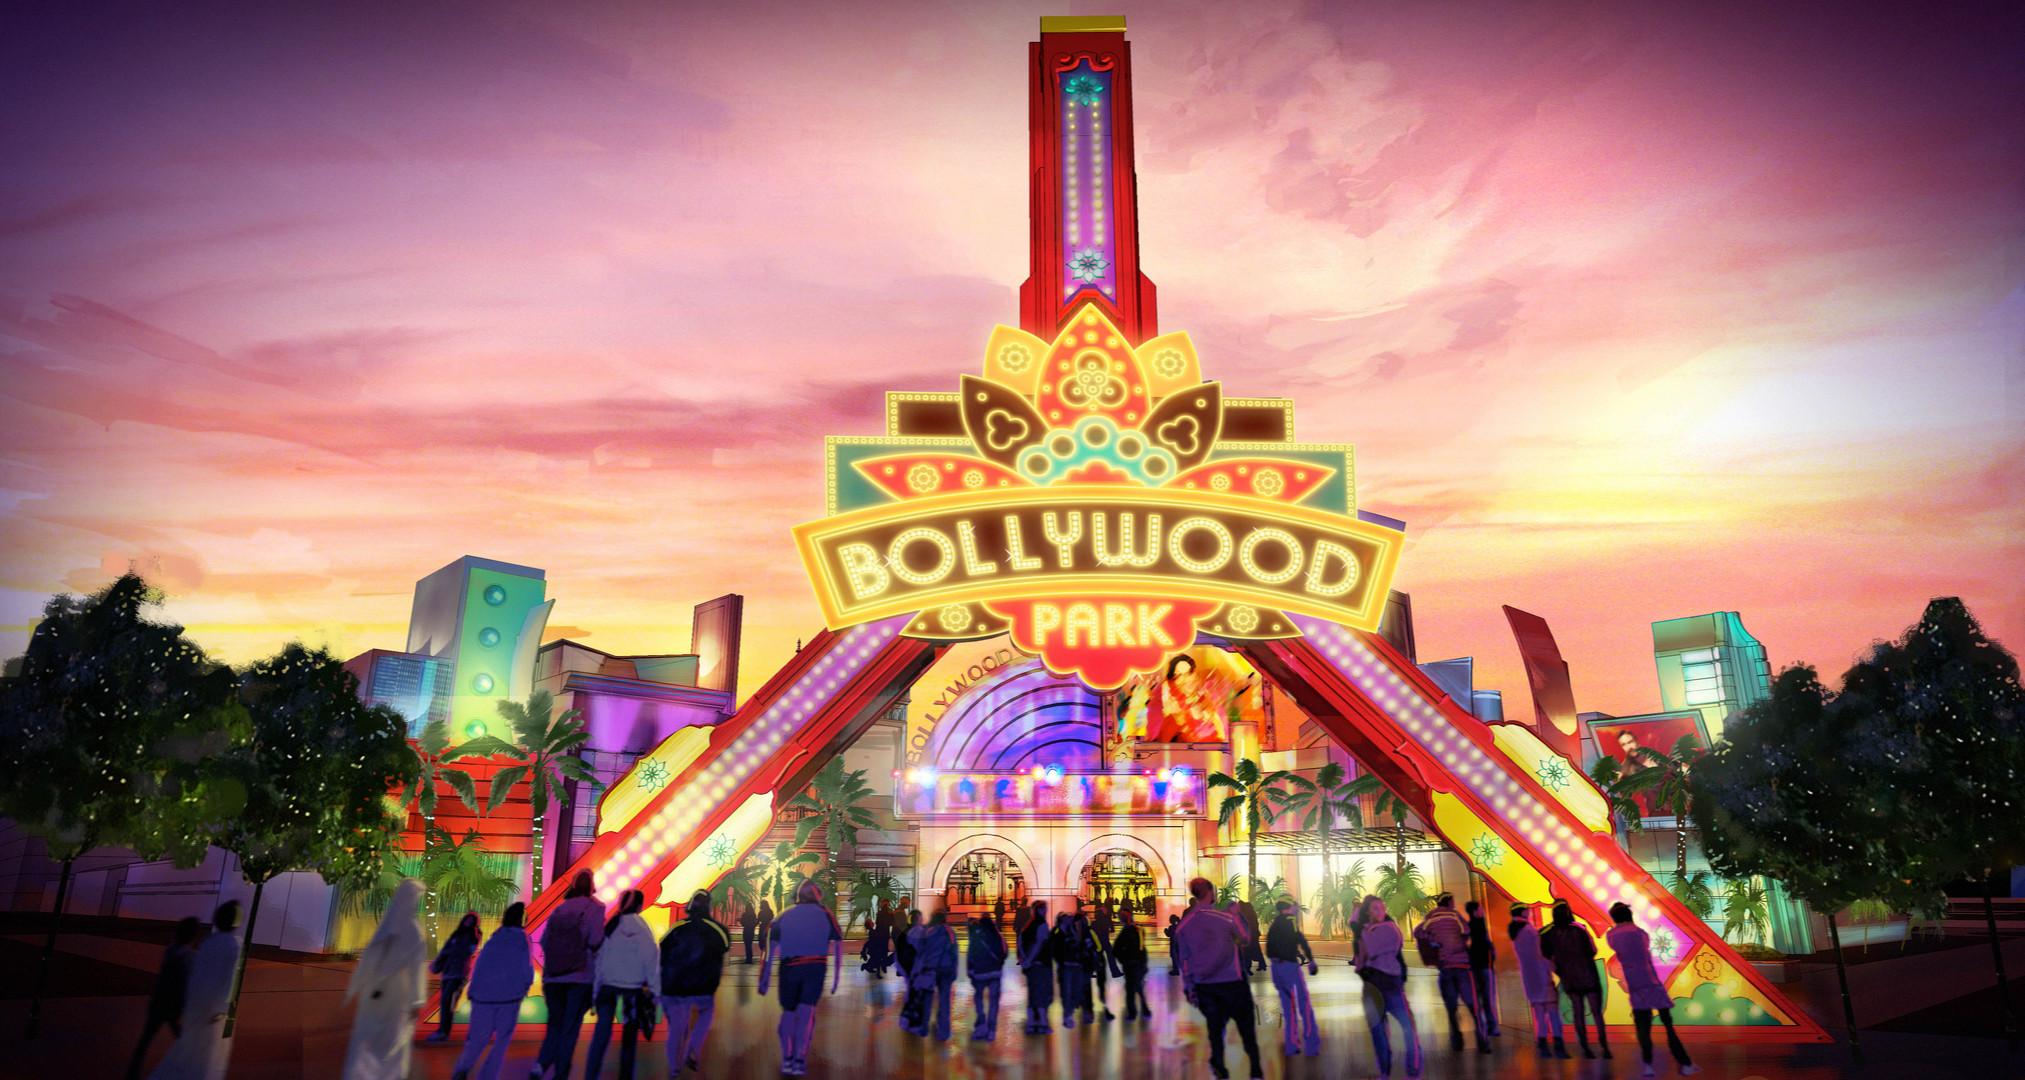 Dubai Parks - Bollywood - Entrance